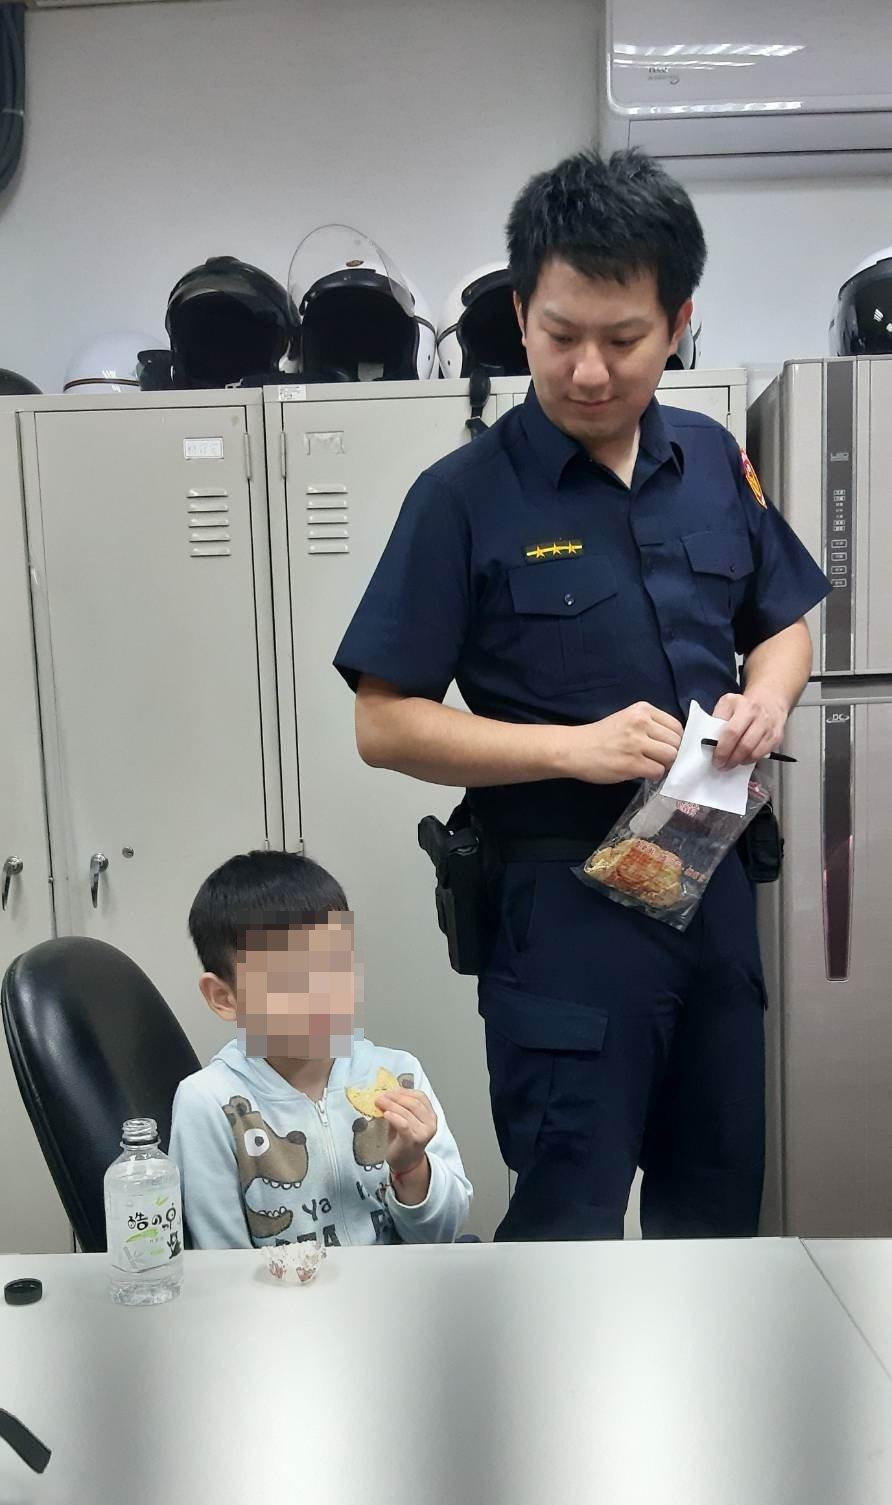 永和警分局員警見小朋友太緊張說不出話,便買糖果、餅乾給他,讓他放鬆心情。記者柯毓...